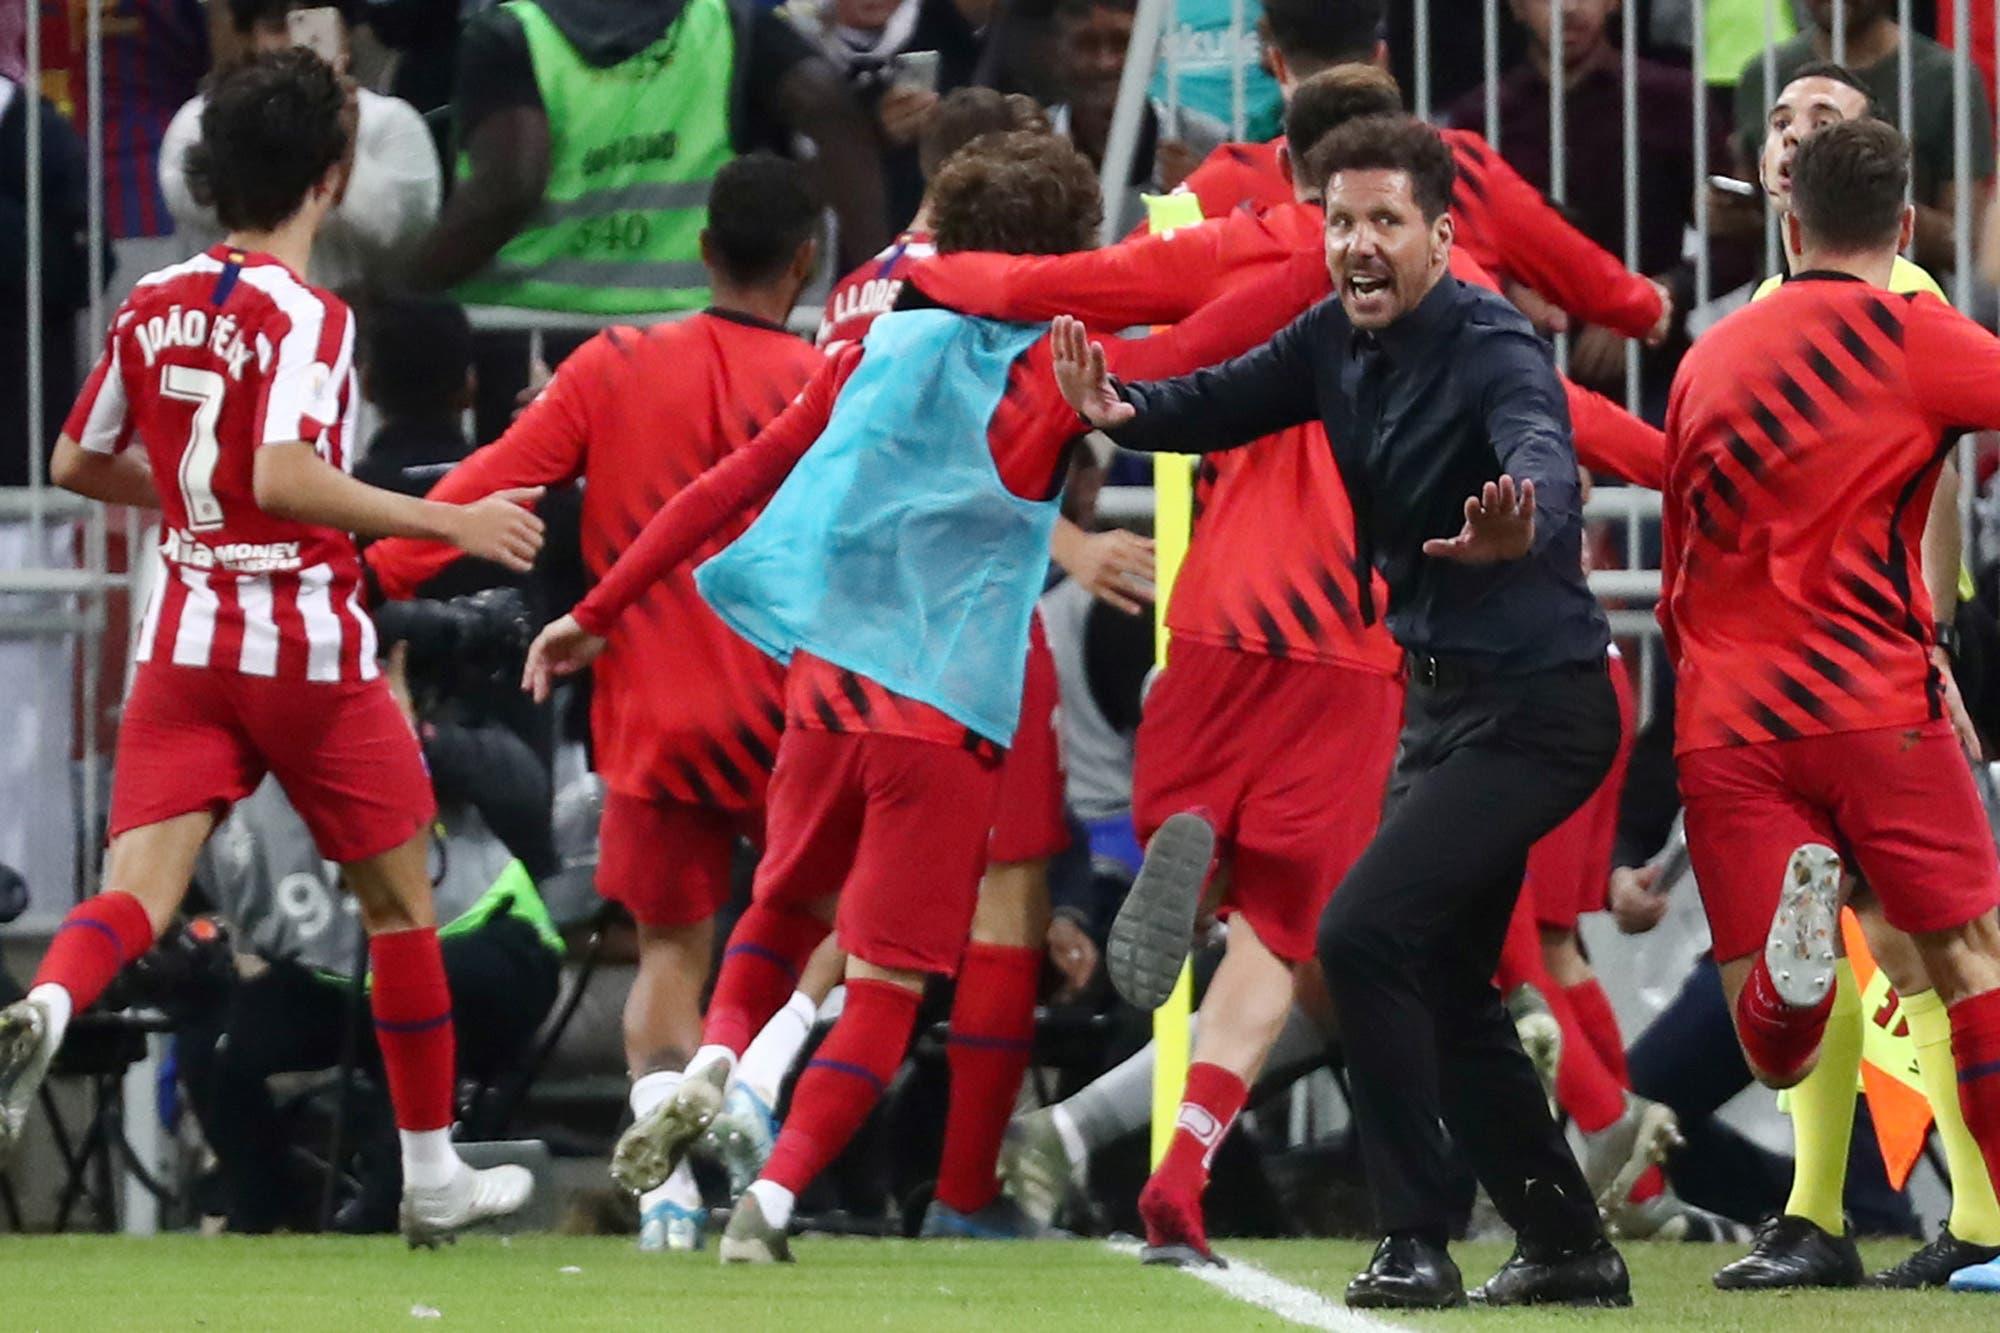 """Diego Simeone, orgulloso por """"la garra y el corazón"""" de su Atlético de Madrid: la curiosa foto del DT en el momento de mayor euforia"""